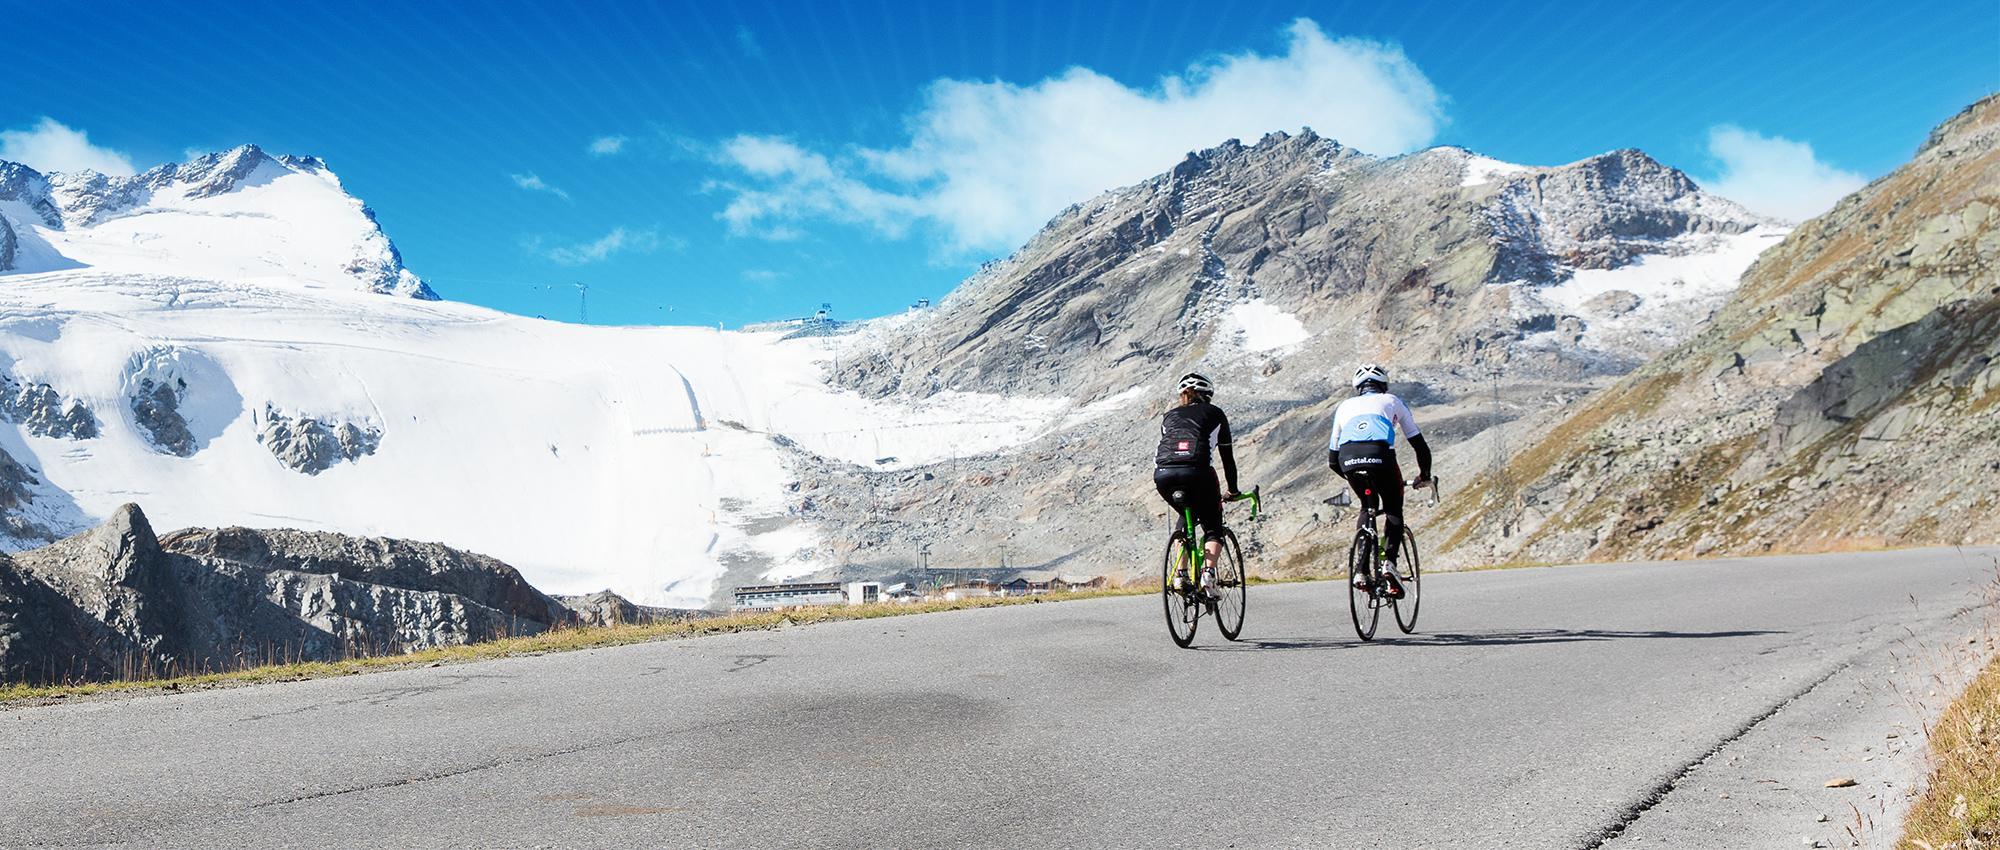 Bist du ein Tour de Suisse Könner?